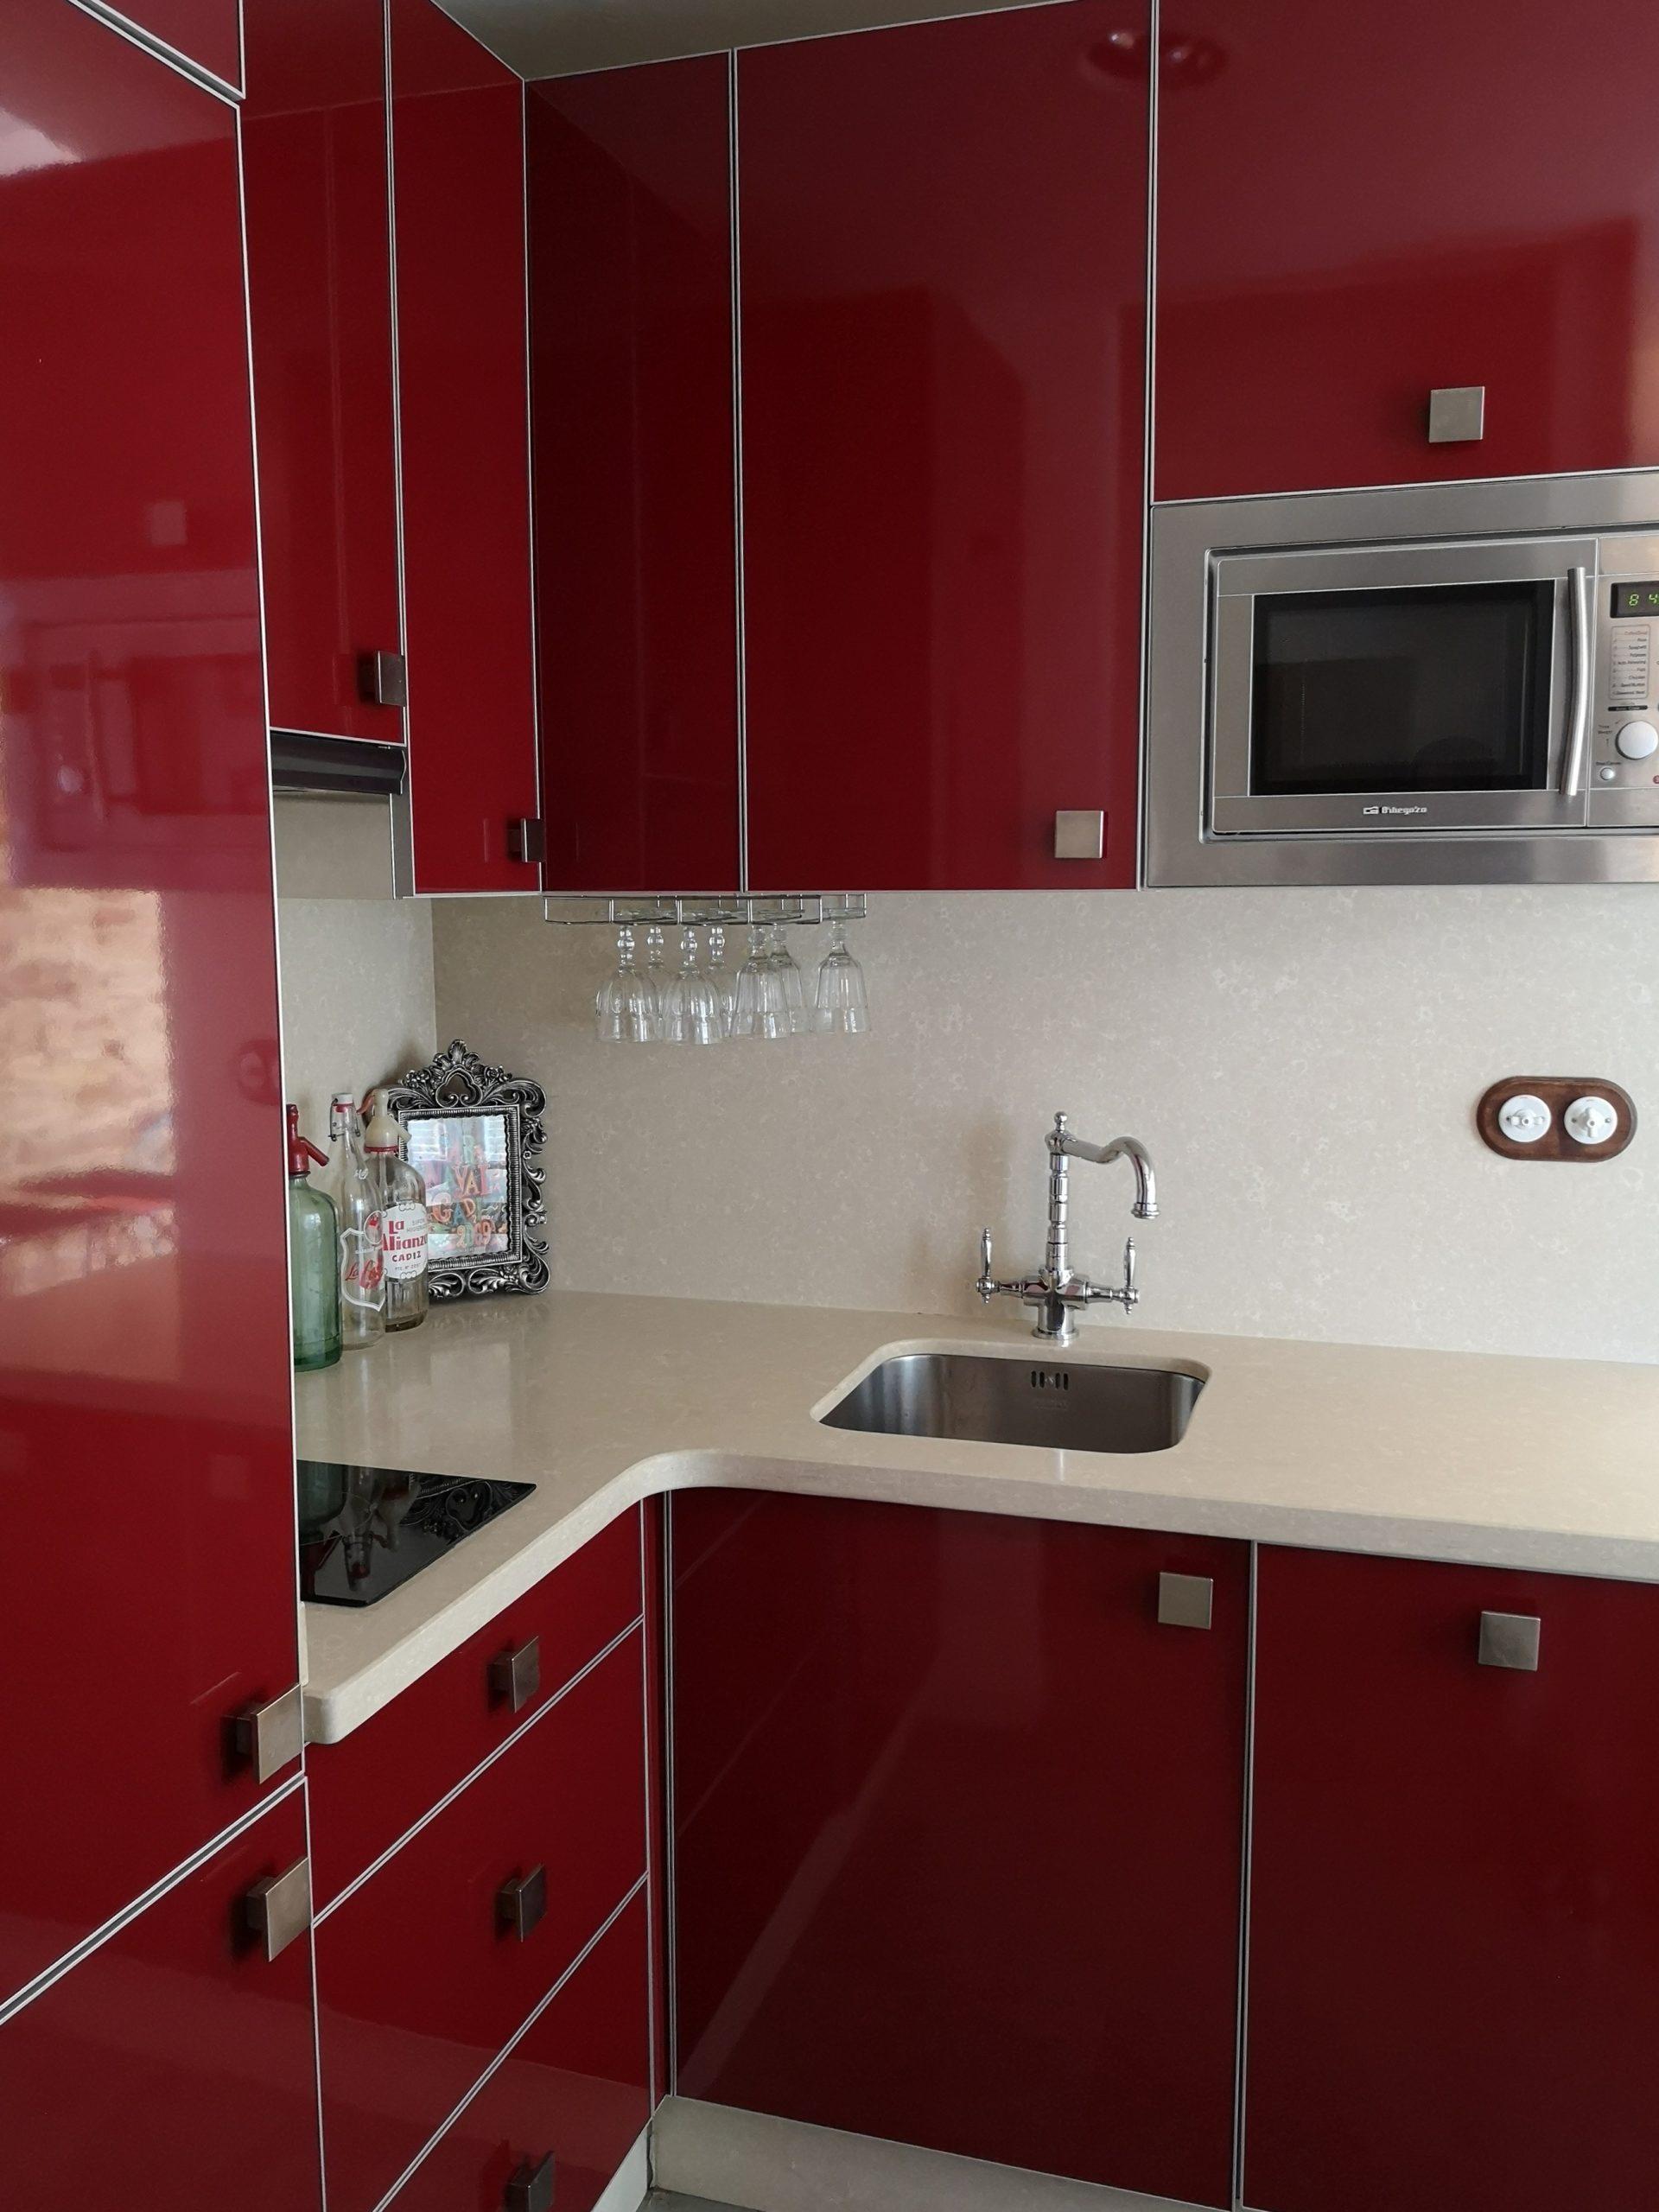 Tenemos los mejores alojamientos para ti, en el centro de la ciudad y frente a la playa. Apartamento en Cádiz Capital. - Alquiler Docente Andalucia